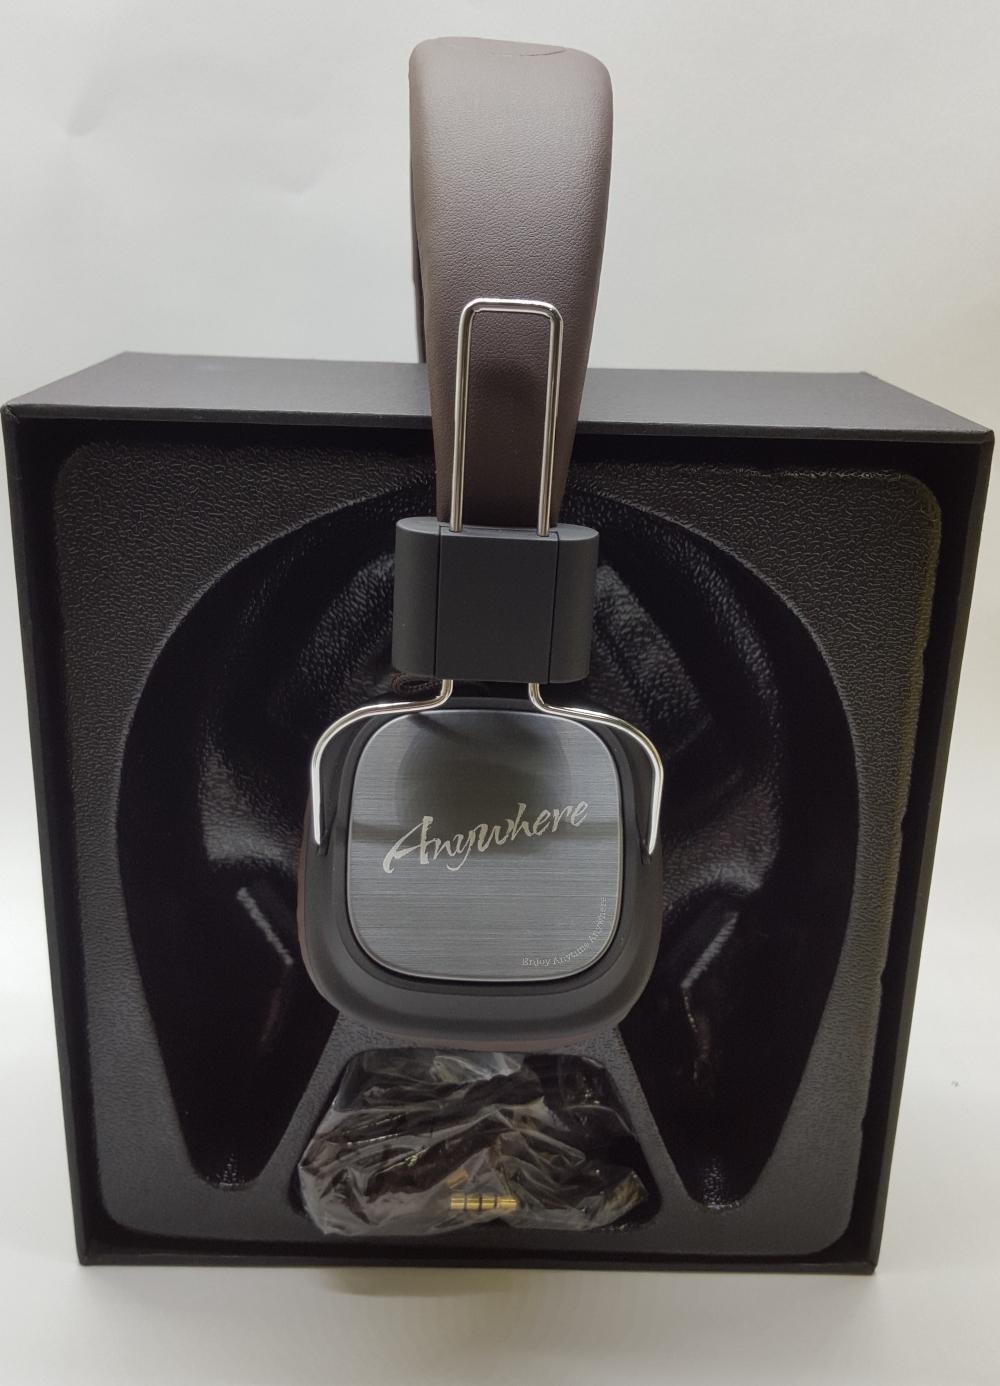 Наушники Гарнитура REMAX RM-100H с микрофоном+пульт управления для контента - 3